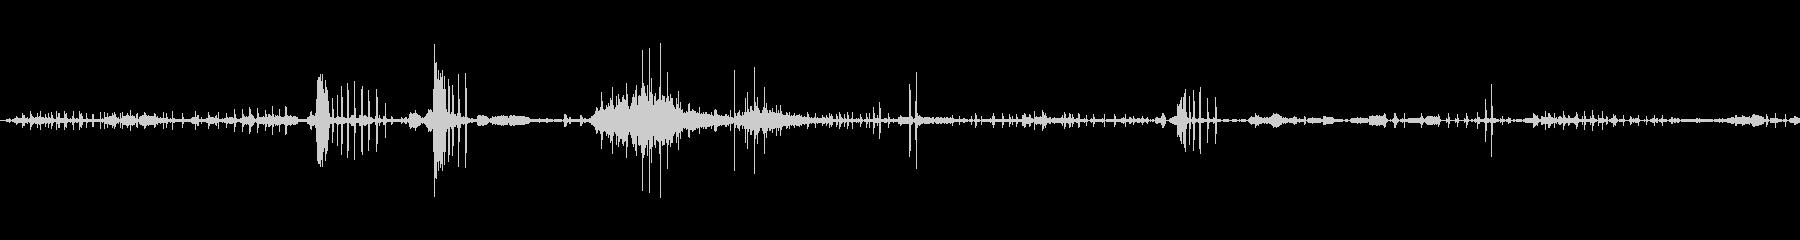 アヒルの鳥1の未再生の波形